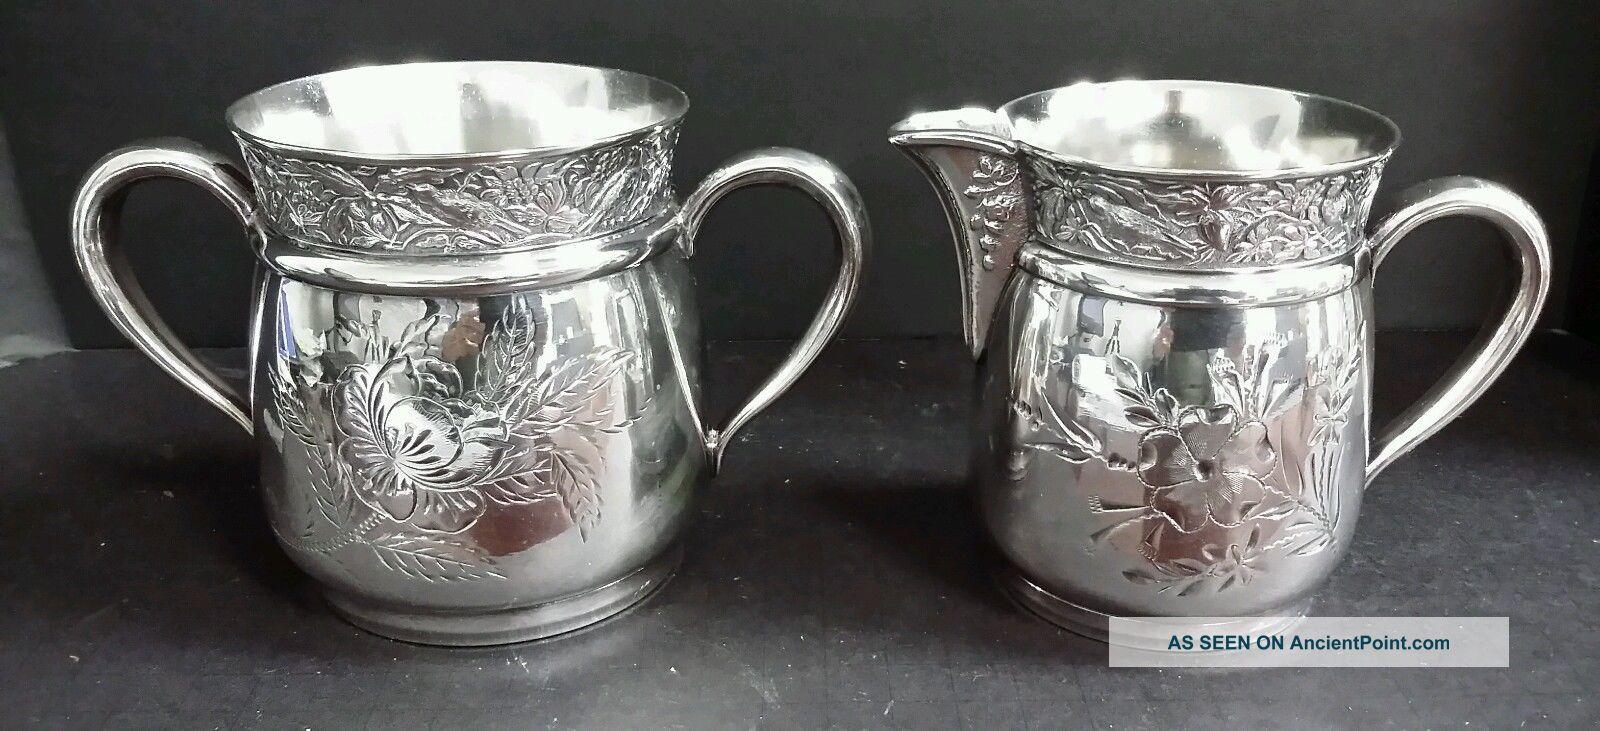 Antique Victorian Osborn & Company Silverplate Ornate Creamer & Sugar Bowl 50 Creamers & Sugar Bowls photo